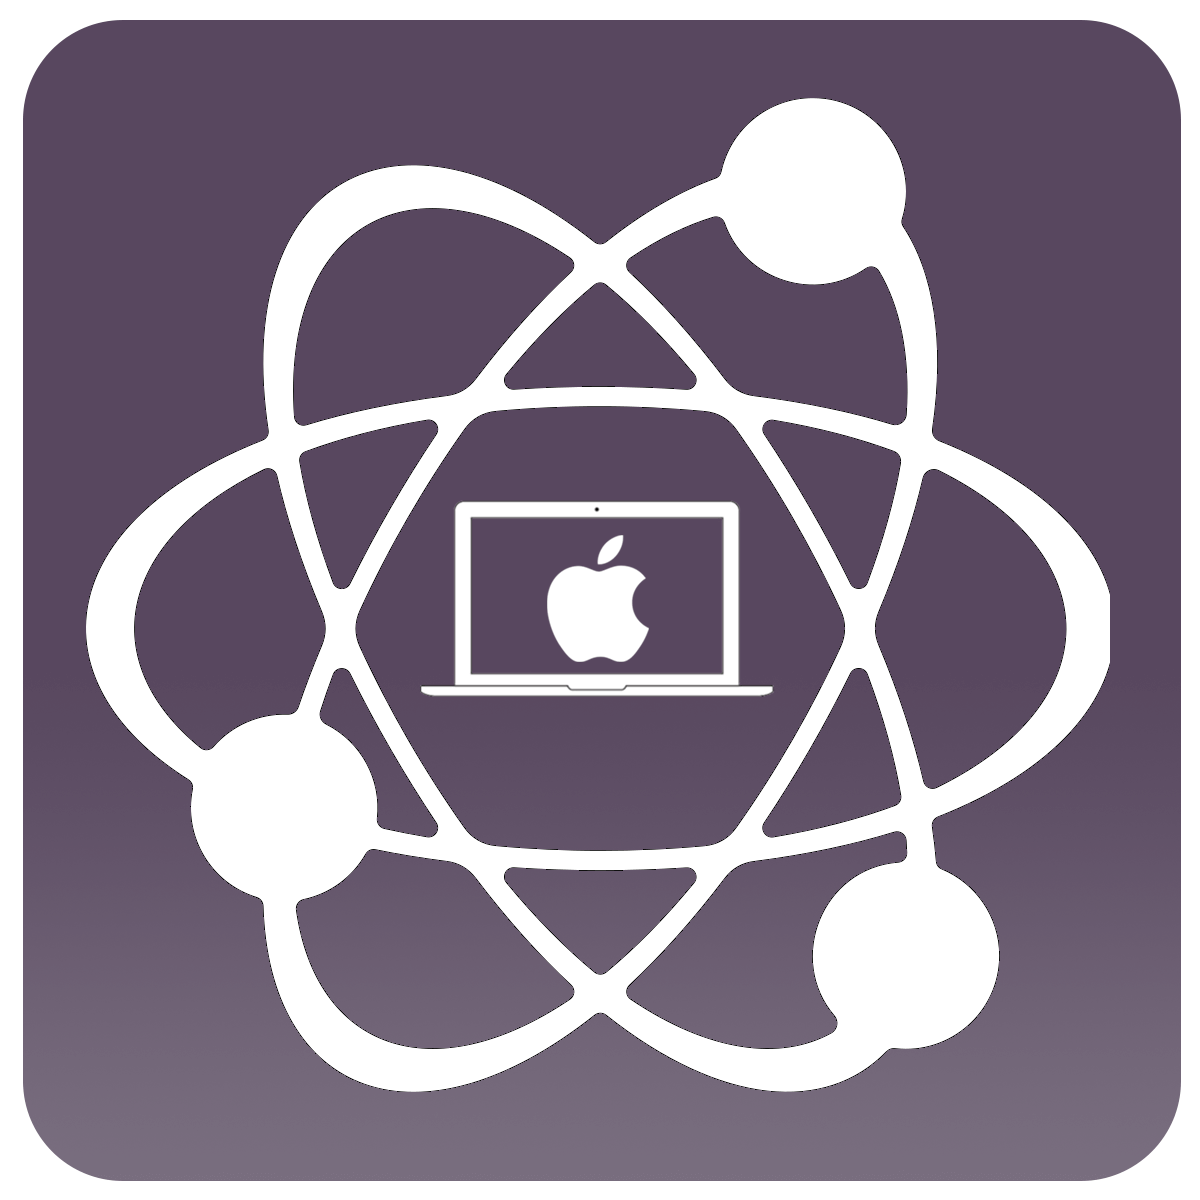 Extindere garanție Mac